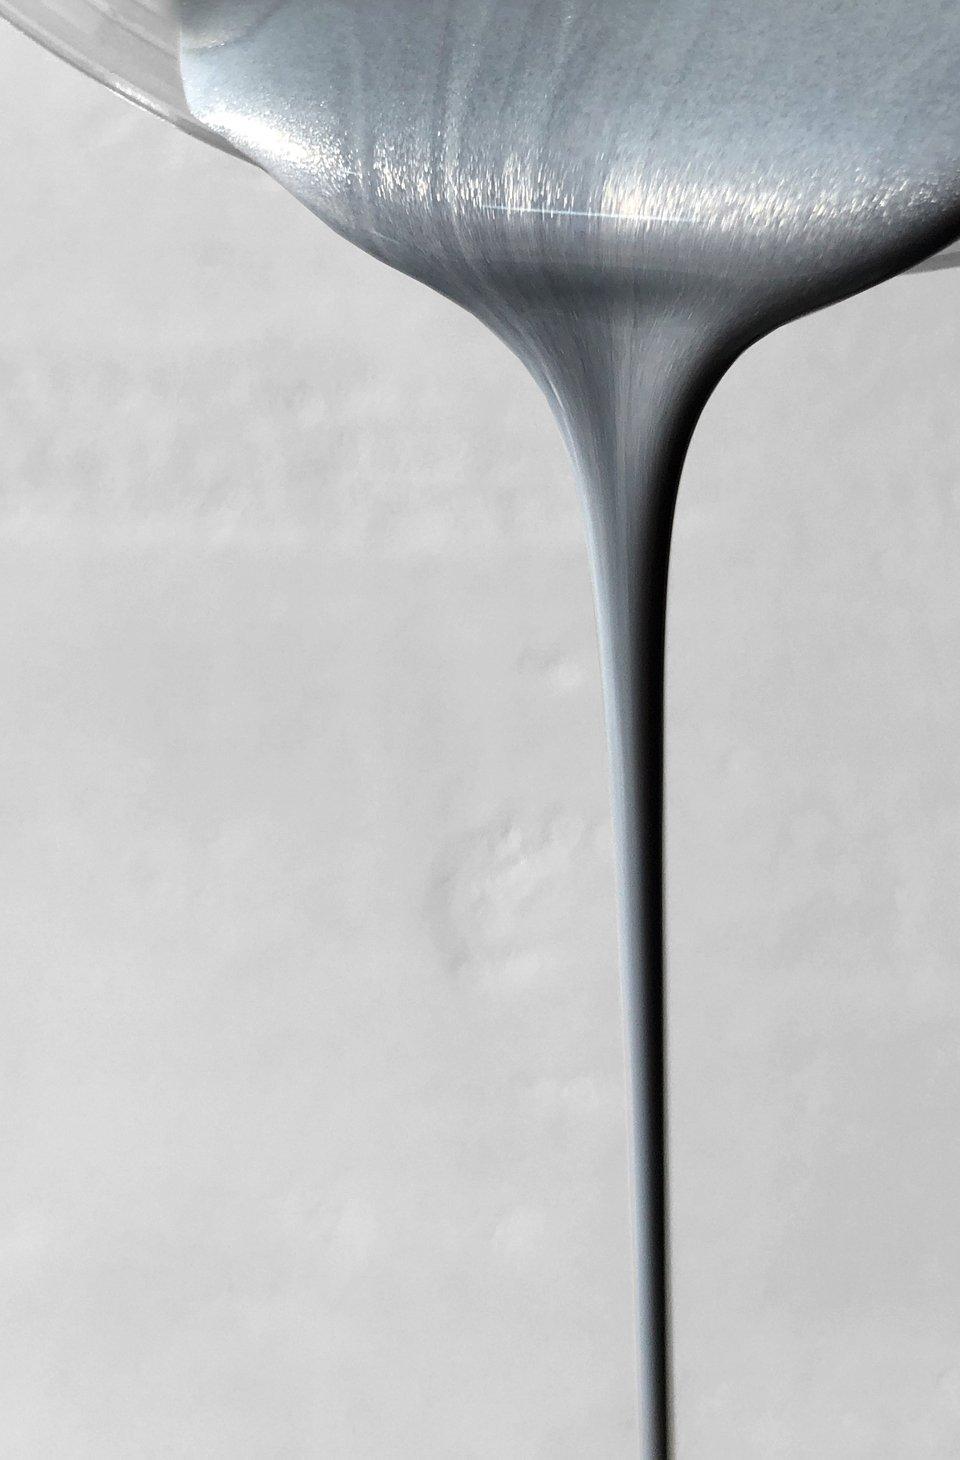 Wandlasuren-Kalkputz-Veredelung